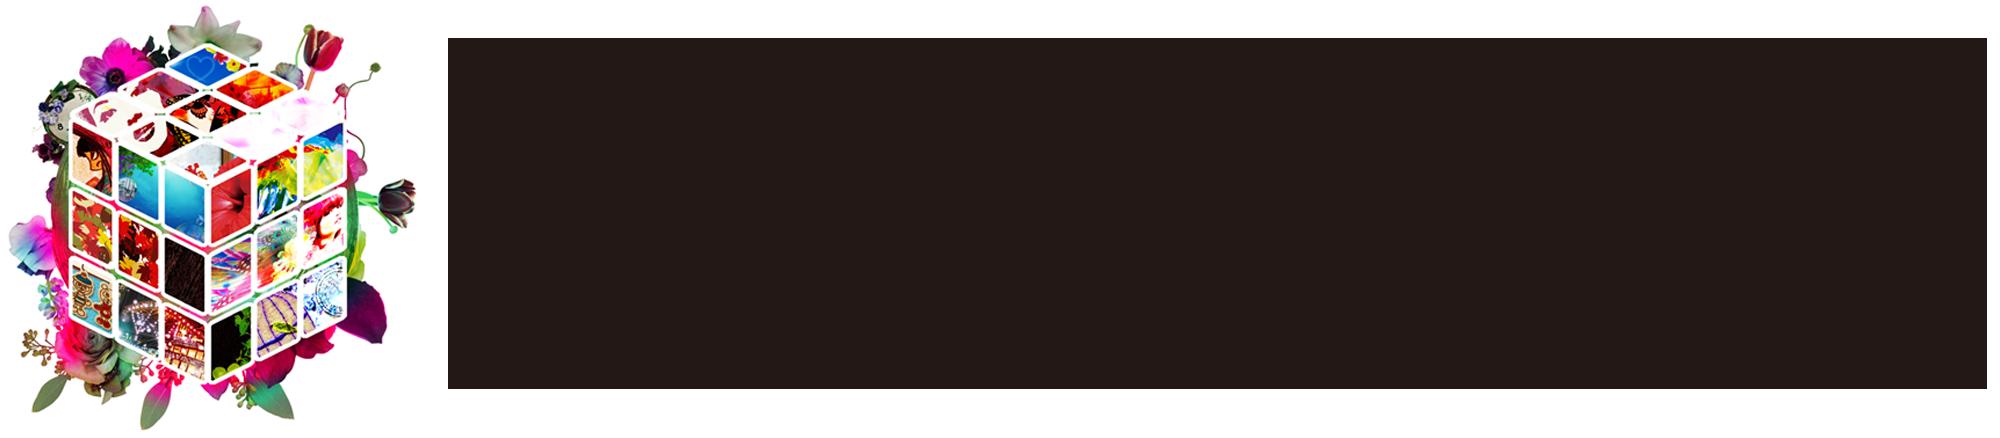 福岡のチラシ・パンフレット制作&WEBサイト制作もおまかせ!Secret Cube シークレットキューブ